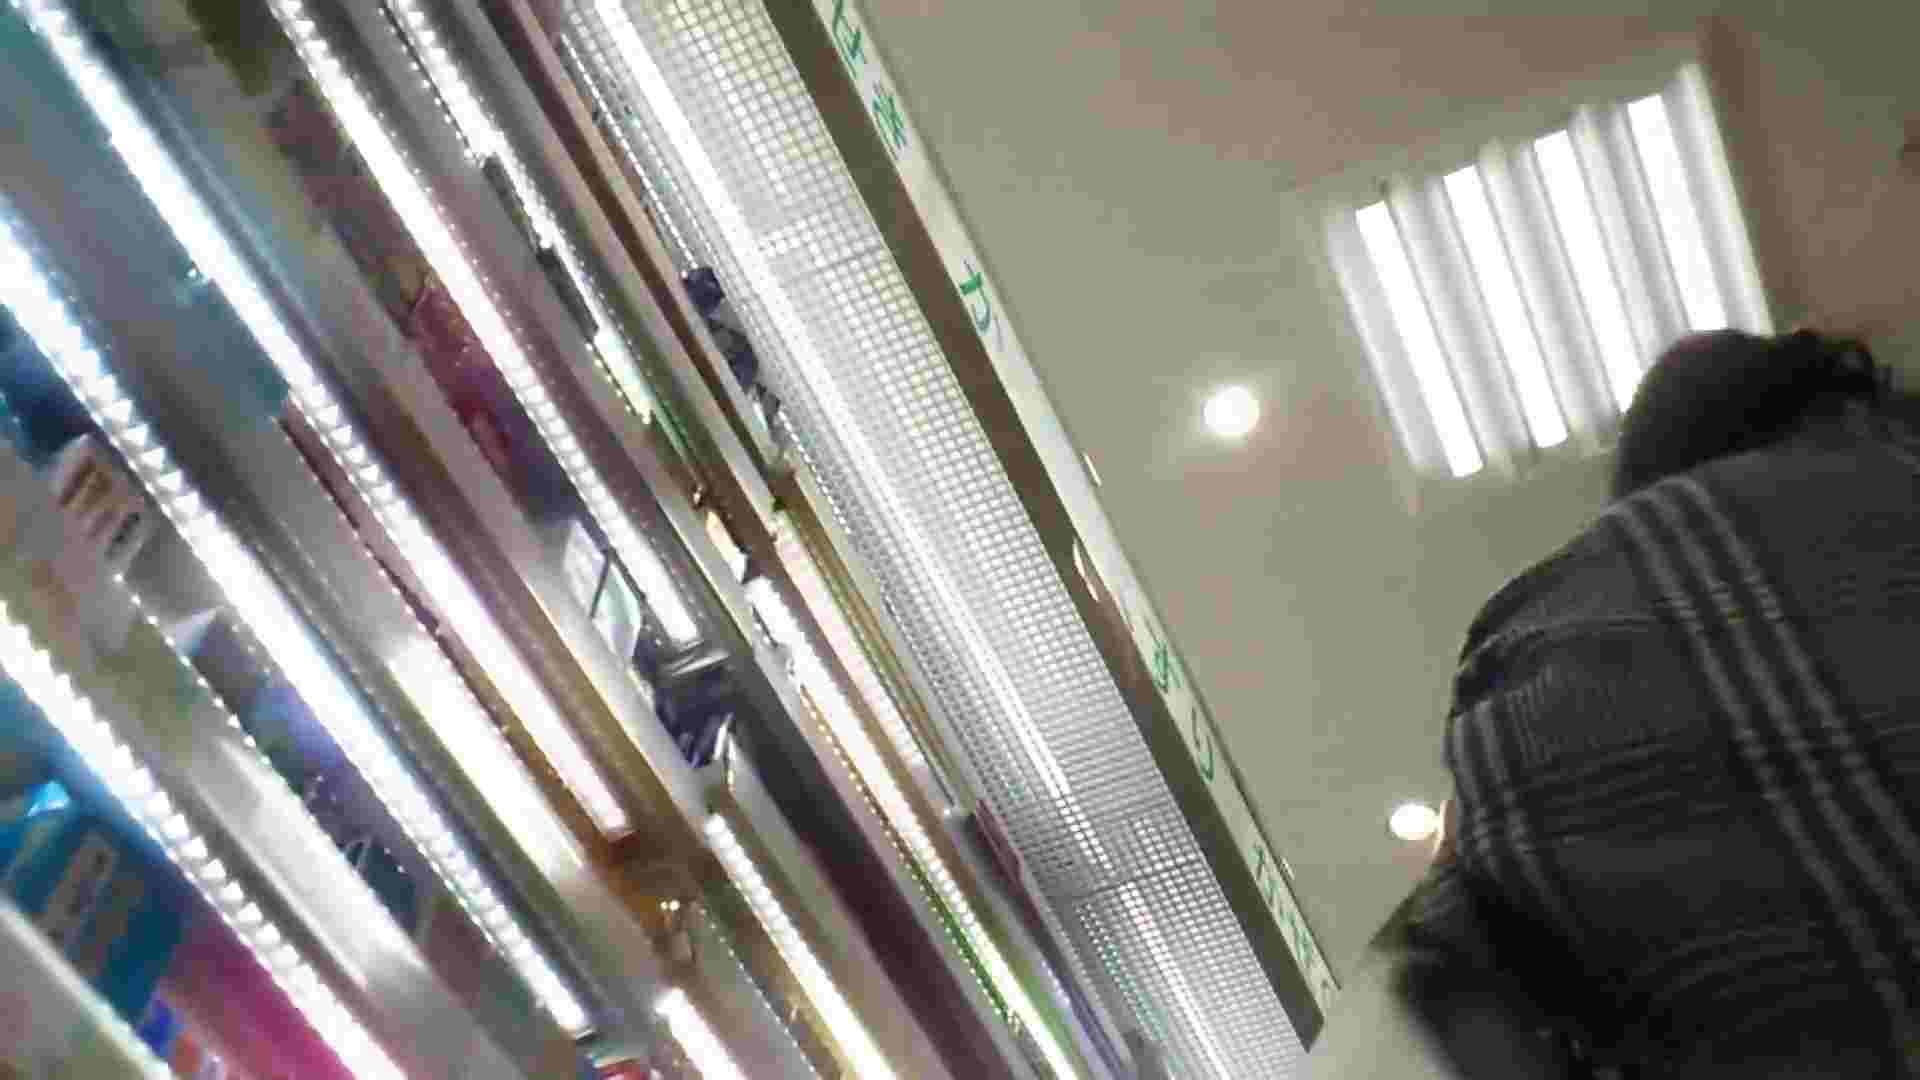 盗撮列車 Vol.52 破れたパンストの絶景 車で・・・ オマンコ無修正動画無料 97枚 15